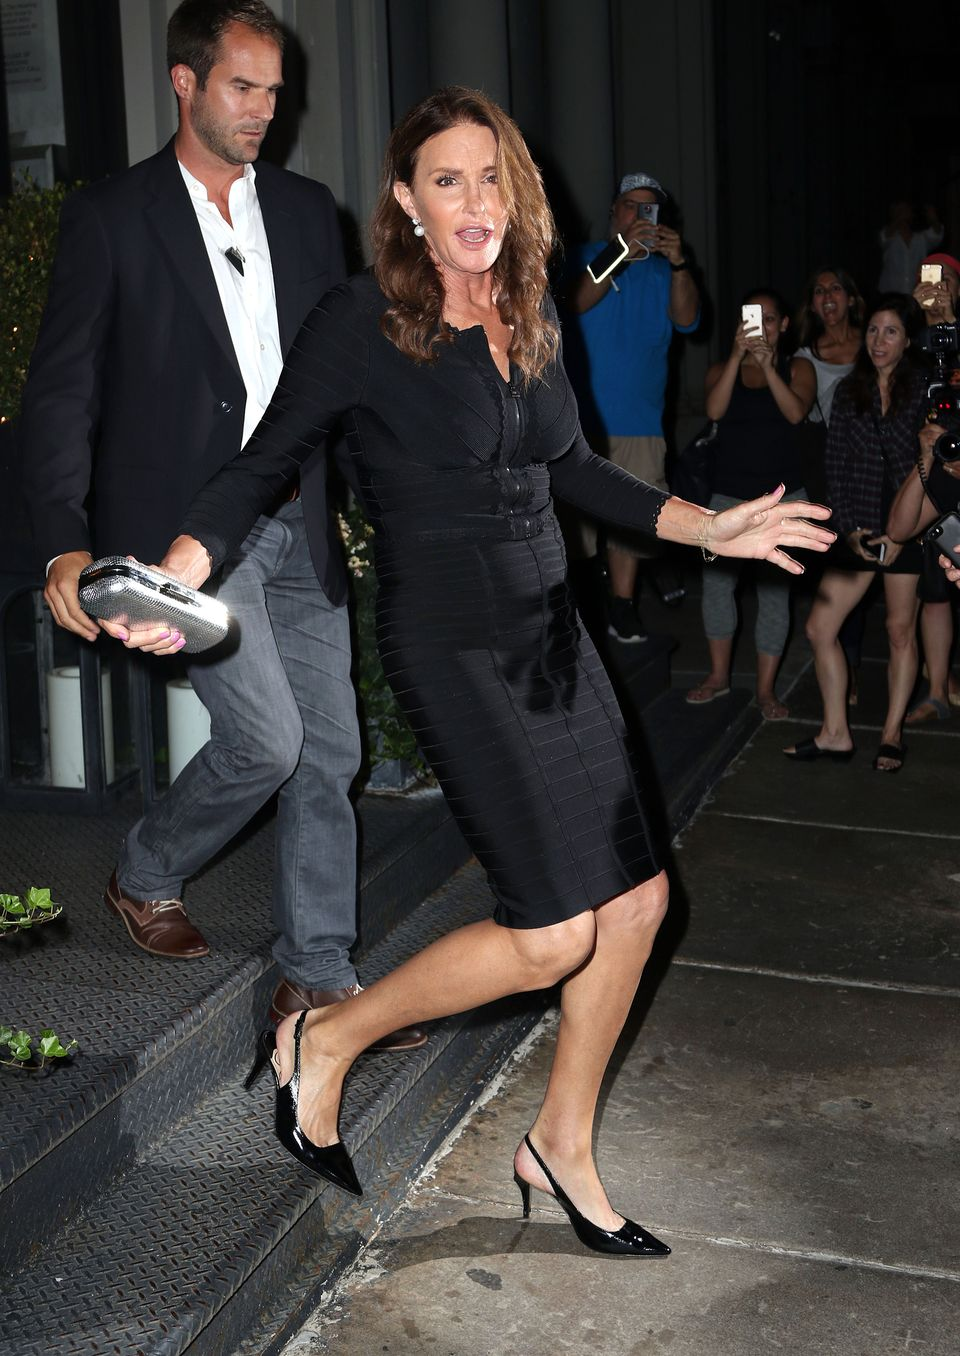 """Ein körperumschlingendes Kleid mit Zipper, die Nägel rosa lackiert, dazu Perlenohrringe und schwarze Lackpumps. Am Montagabend zeigte sich Caitlyn Jenner erstmals seit ihrem """"Vanity Fair""""- Cover im New Yorker Nachtleben- in einer eleganten Variante des beinahe charakteristischen Kardashian-Looks. Angeleuchtet von Blitzlichtern und Smartphone-Kameras verließ sie ein italienisches Restaurant im Manhattener Stadtteil Tribeca.In den vergangenen Wochen hatte sie vornehmlich LGBT-Zentren, Treffpunkte der Gemeinschaft von Lesben, Schwulen, Bisexuellen und Transgender besucht und Vorträge gehalten."""